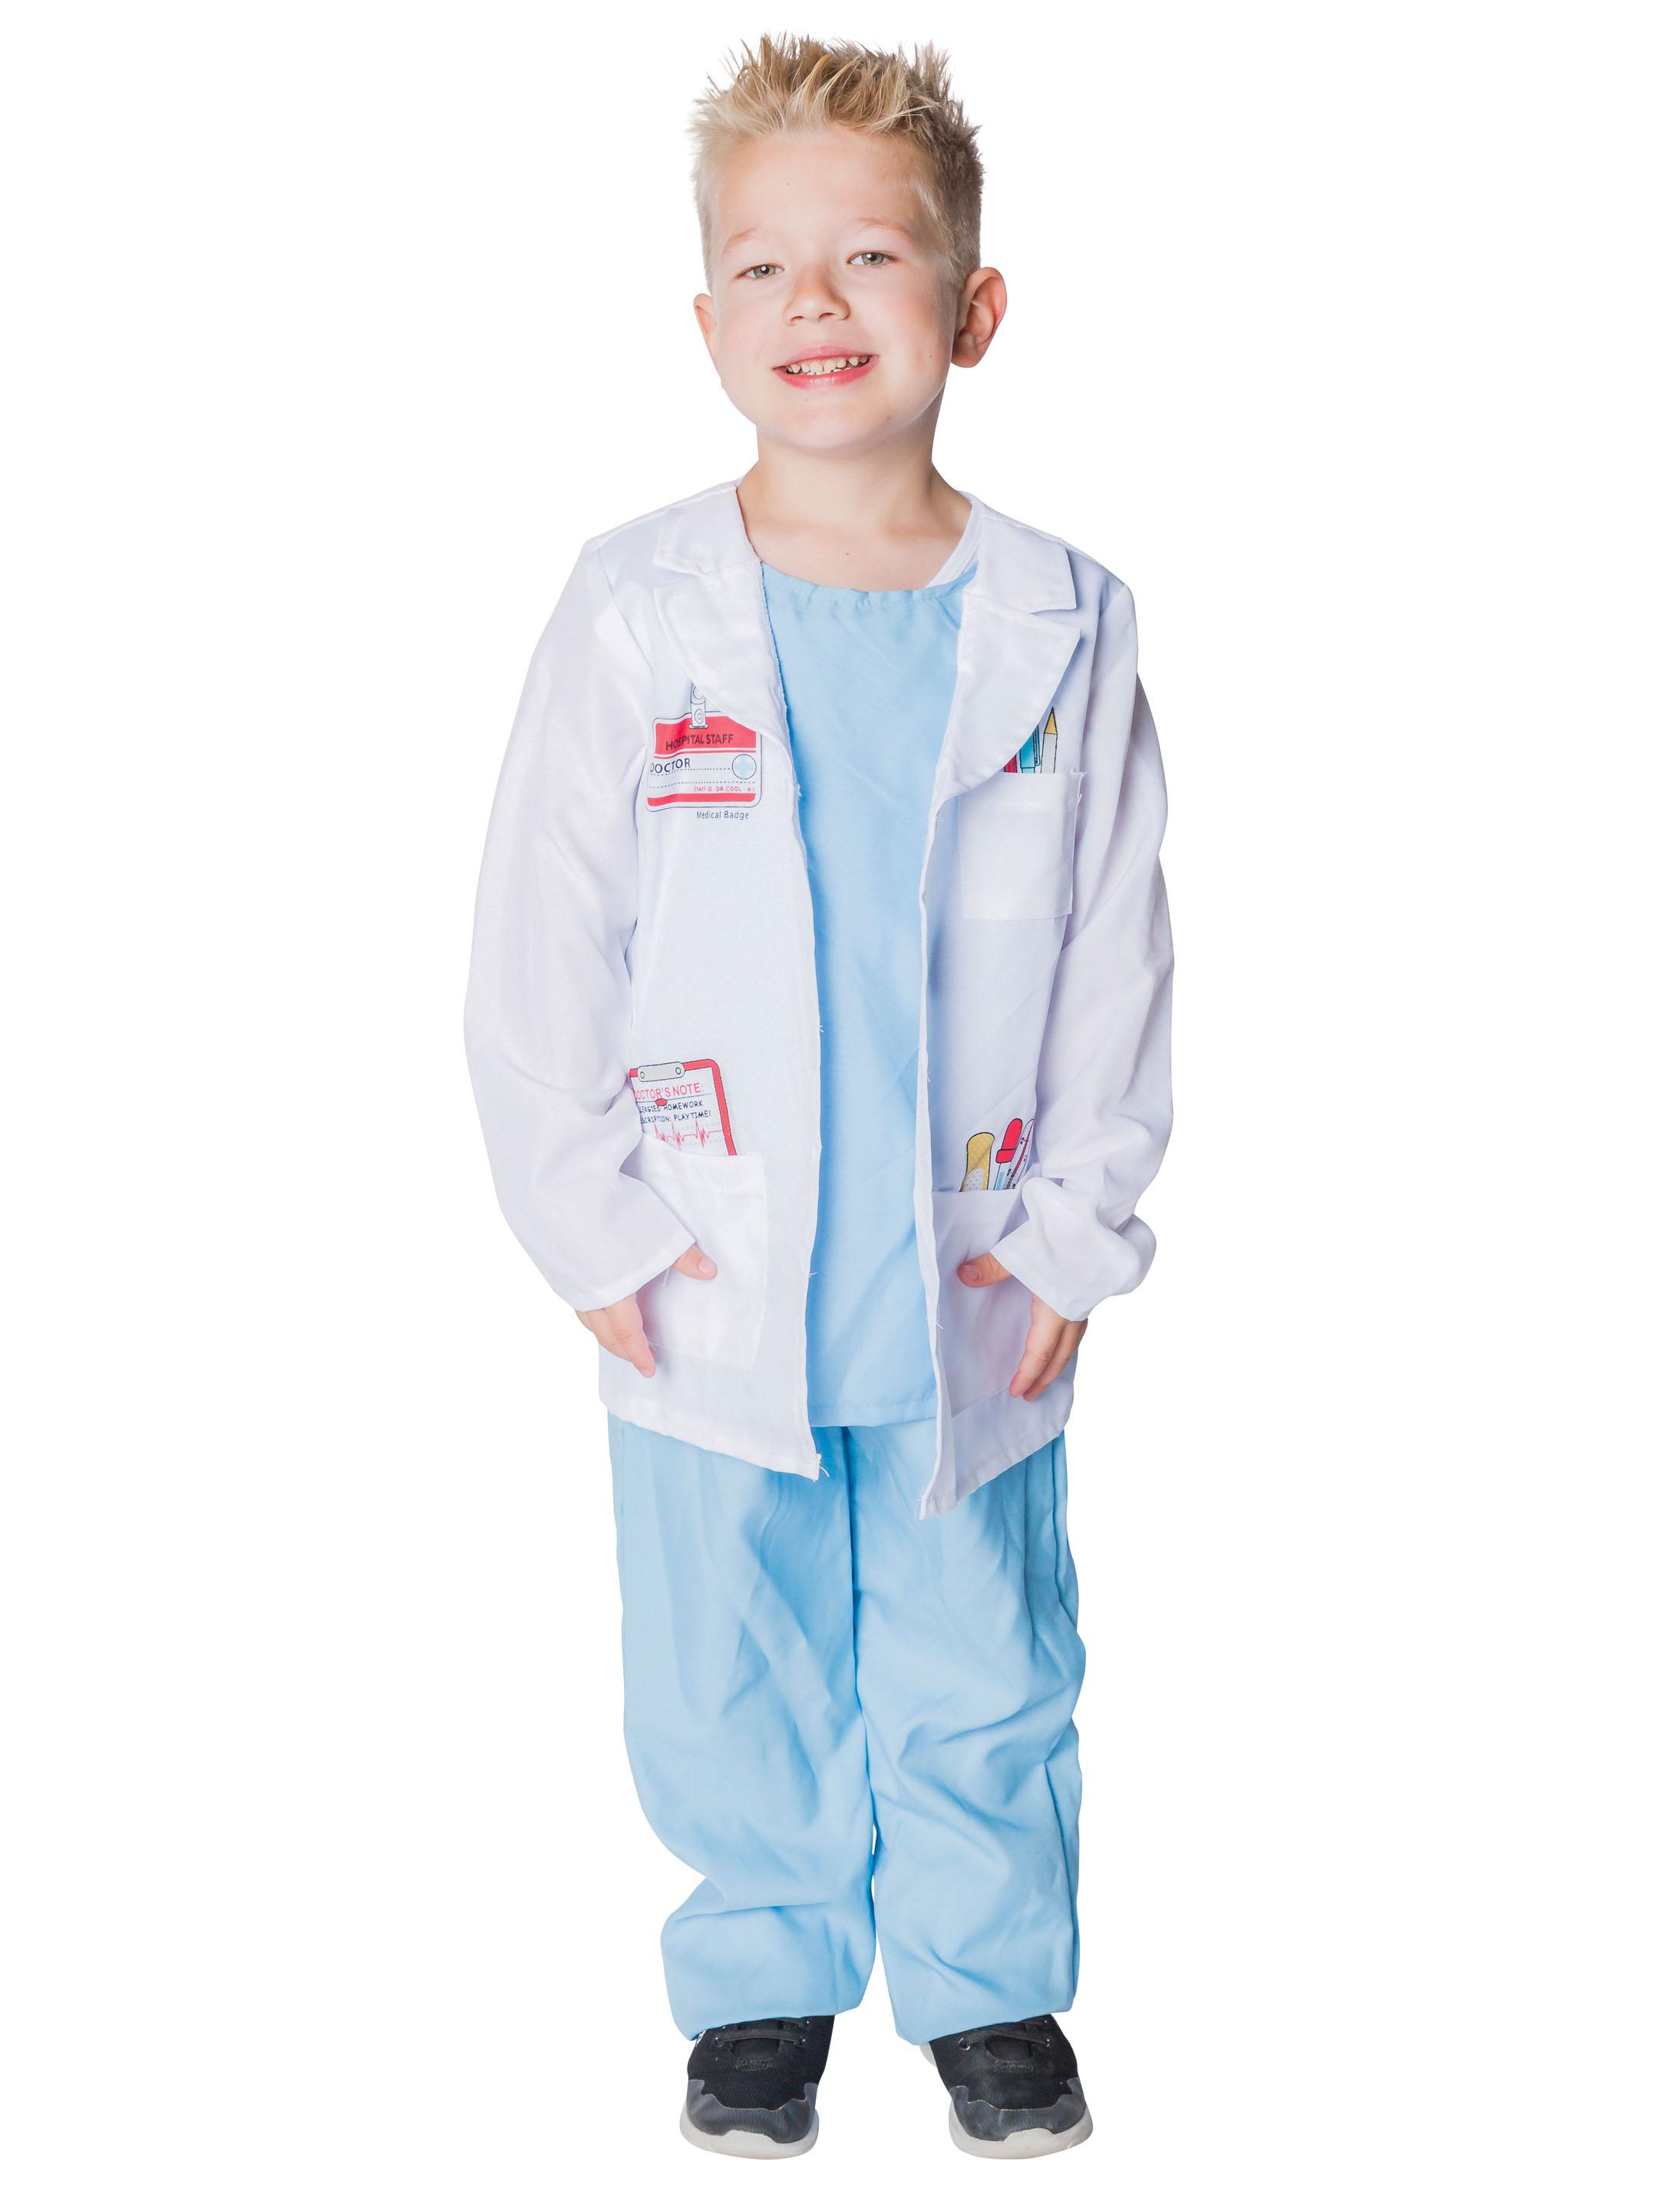 Kinder-Kostuem Doktor Kinder Grosse: 128/140